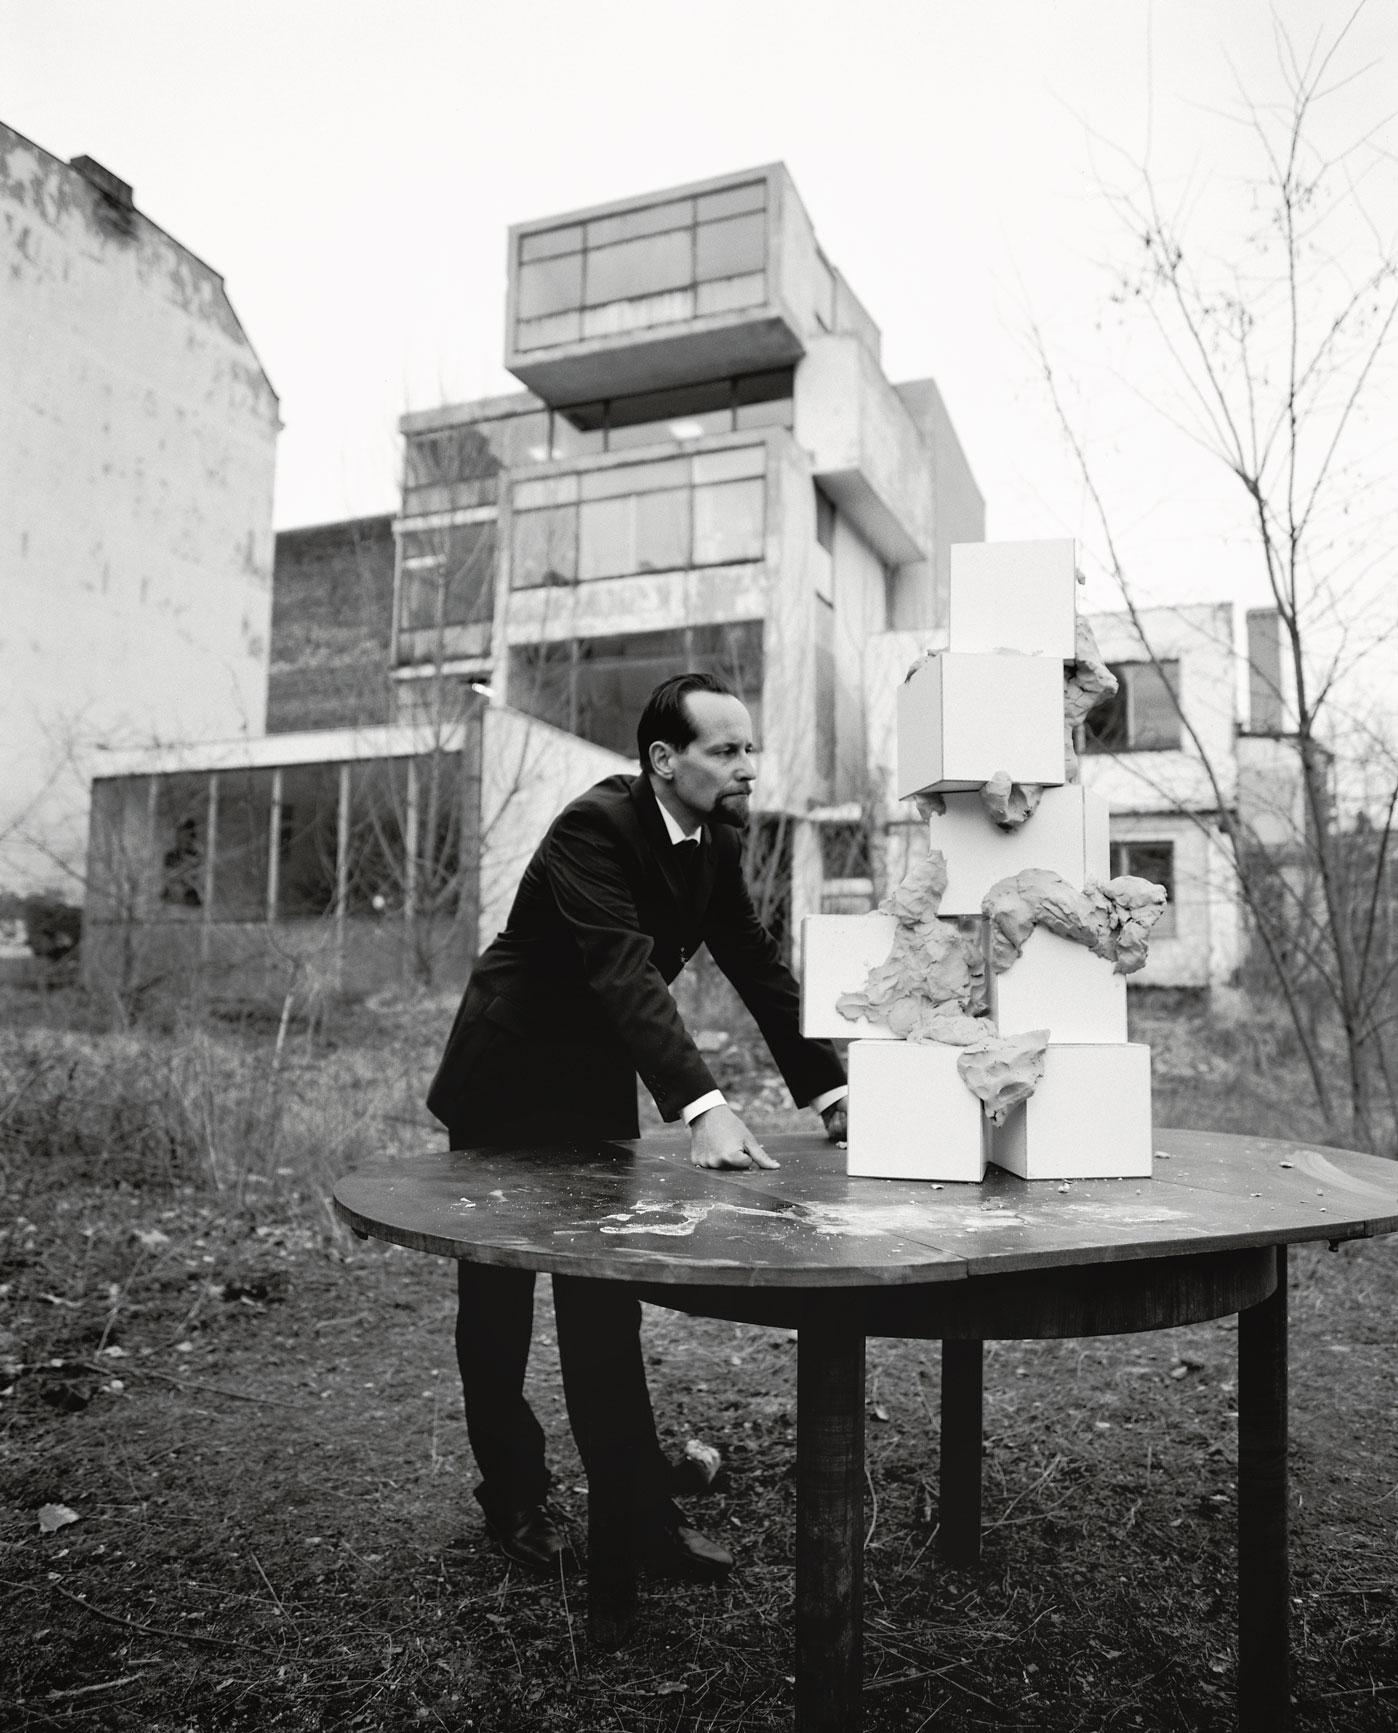 Les Schliesser – »Der vierdimensionale Architekt Do you believe in repetition?«, Setphoto